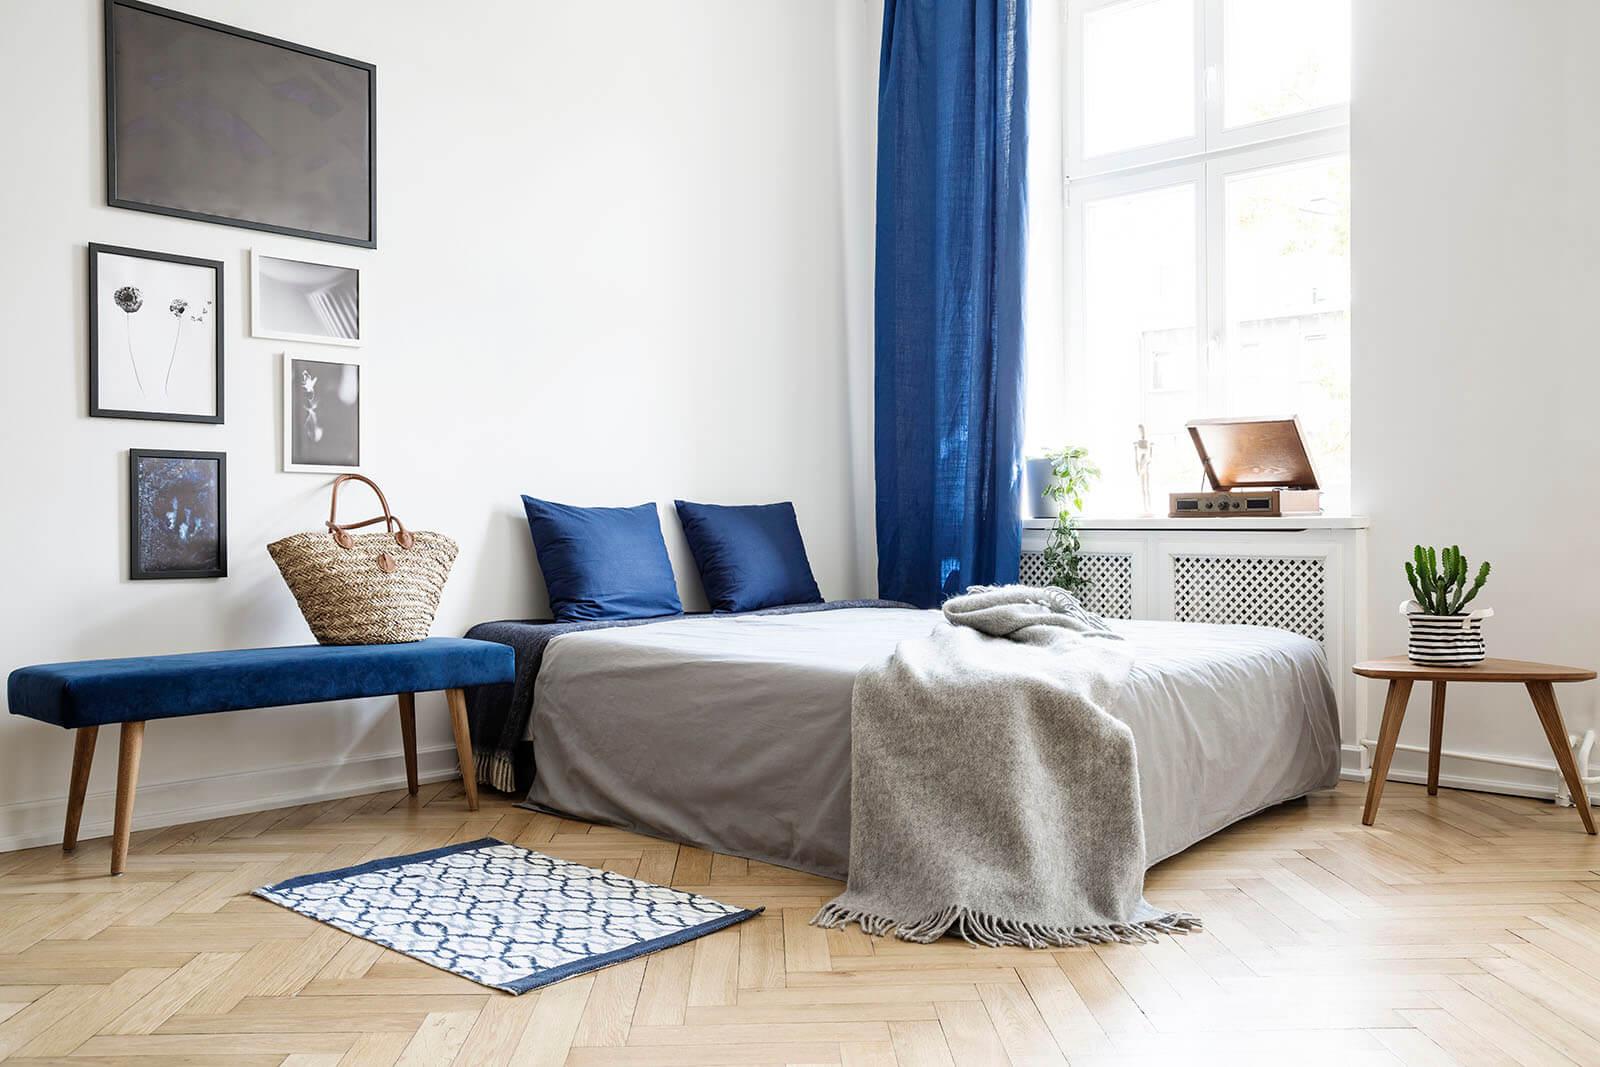 Lamelparket in slaapkamer